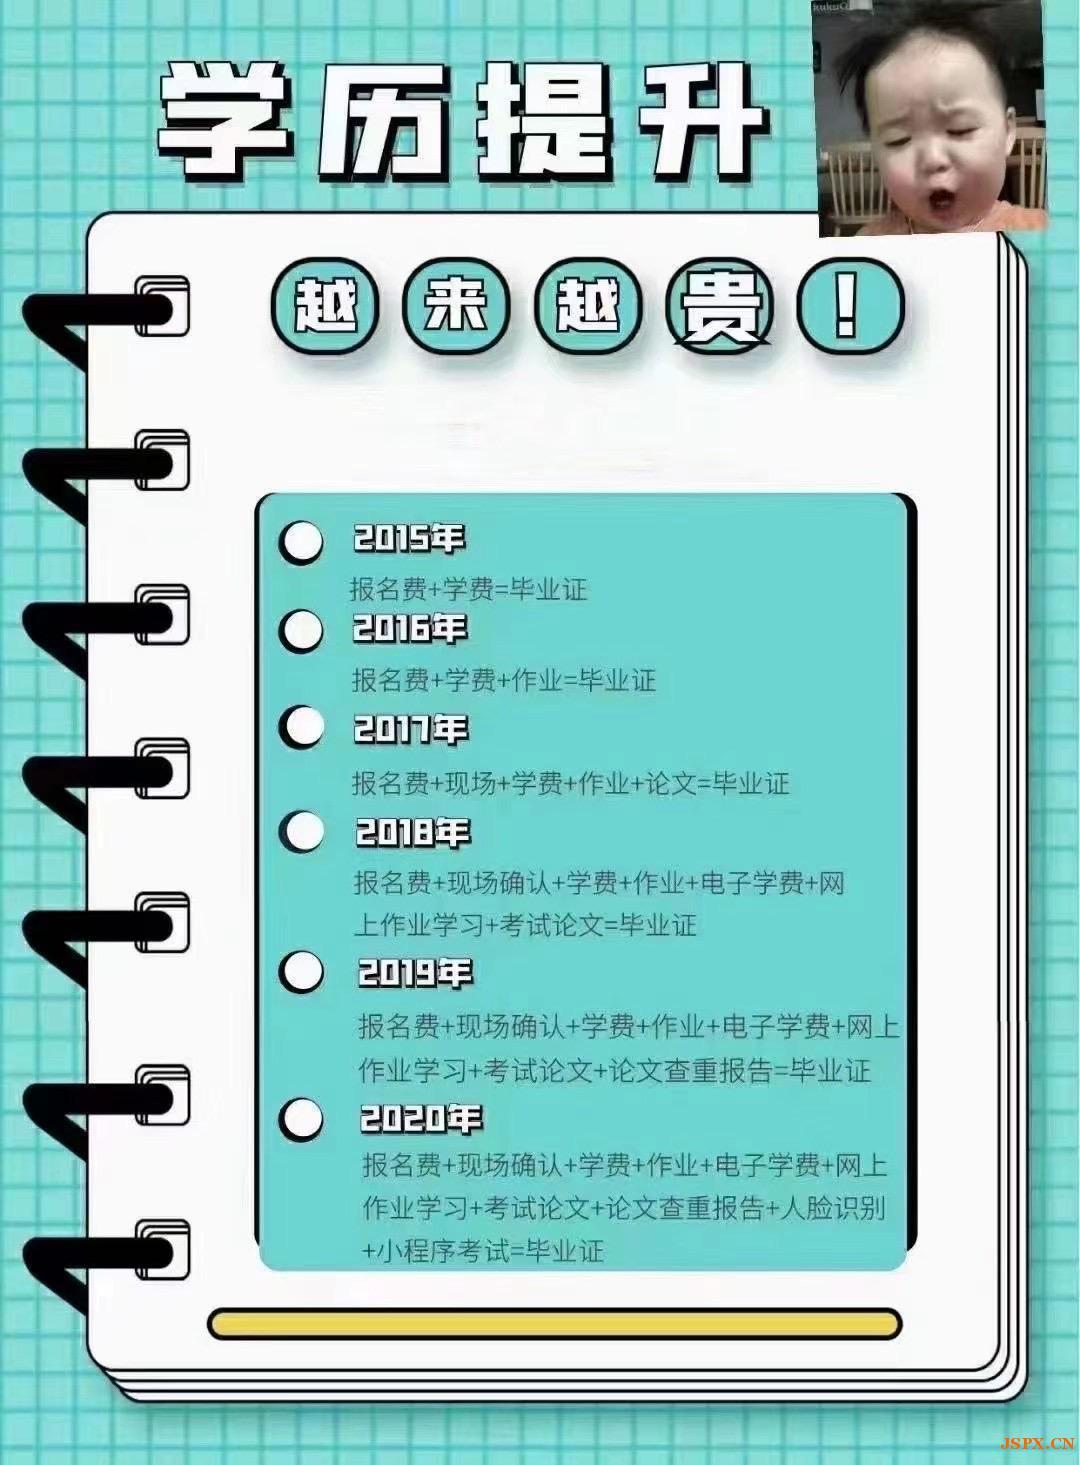 南京专升本、成人学历提升、高起专、考研等学历提升